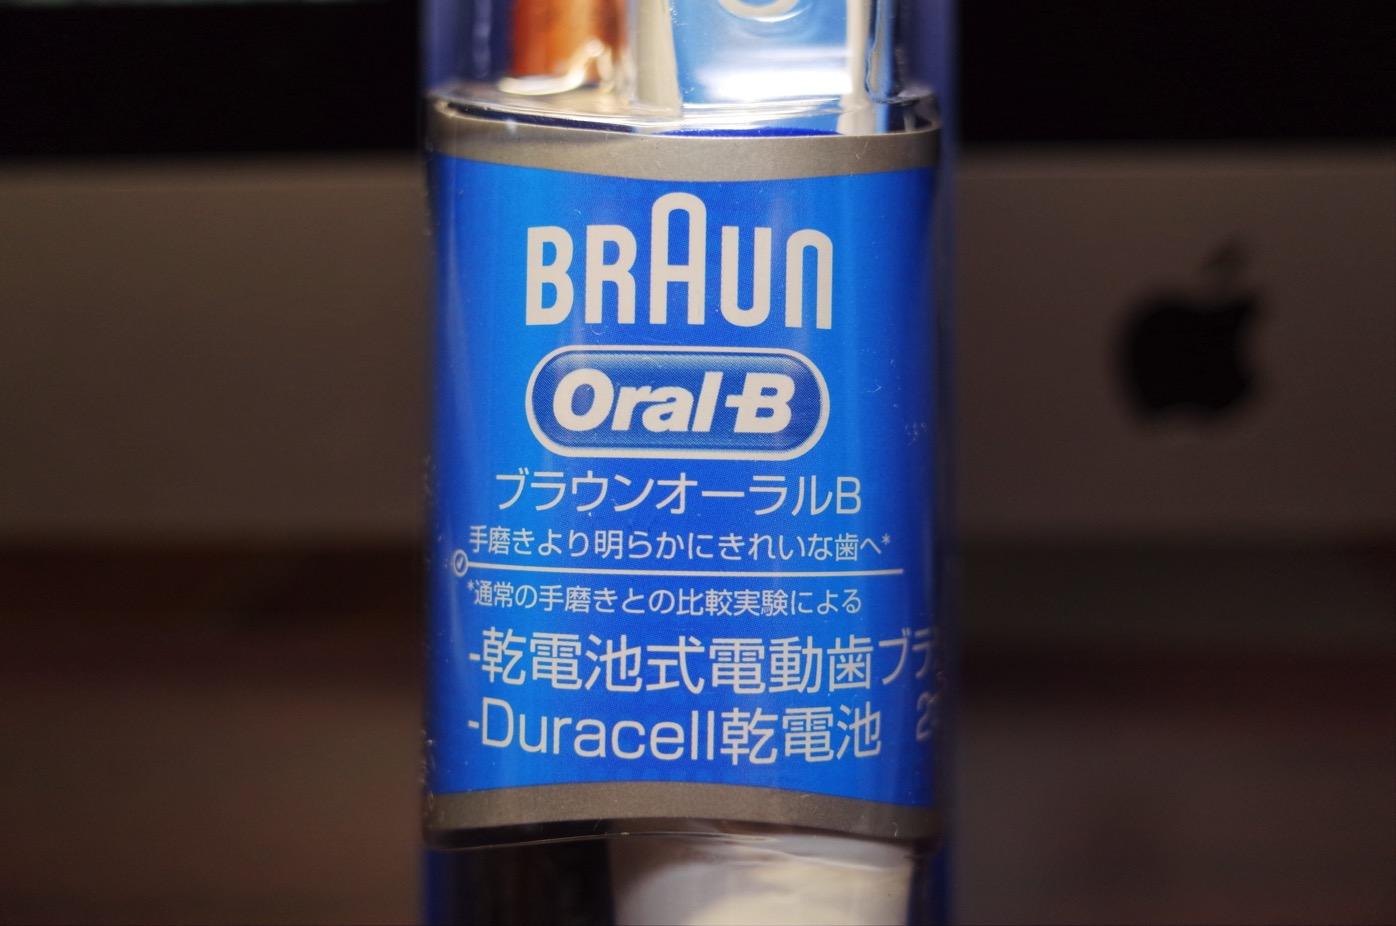 [Amazon]コスパ優秀なブラウン オーラルB 電動歯ブラシにして綺麗になって簡単で楽で良いことばかり